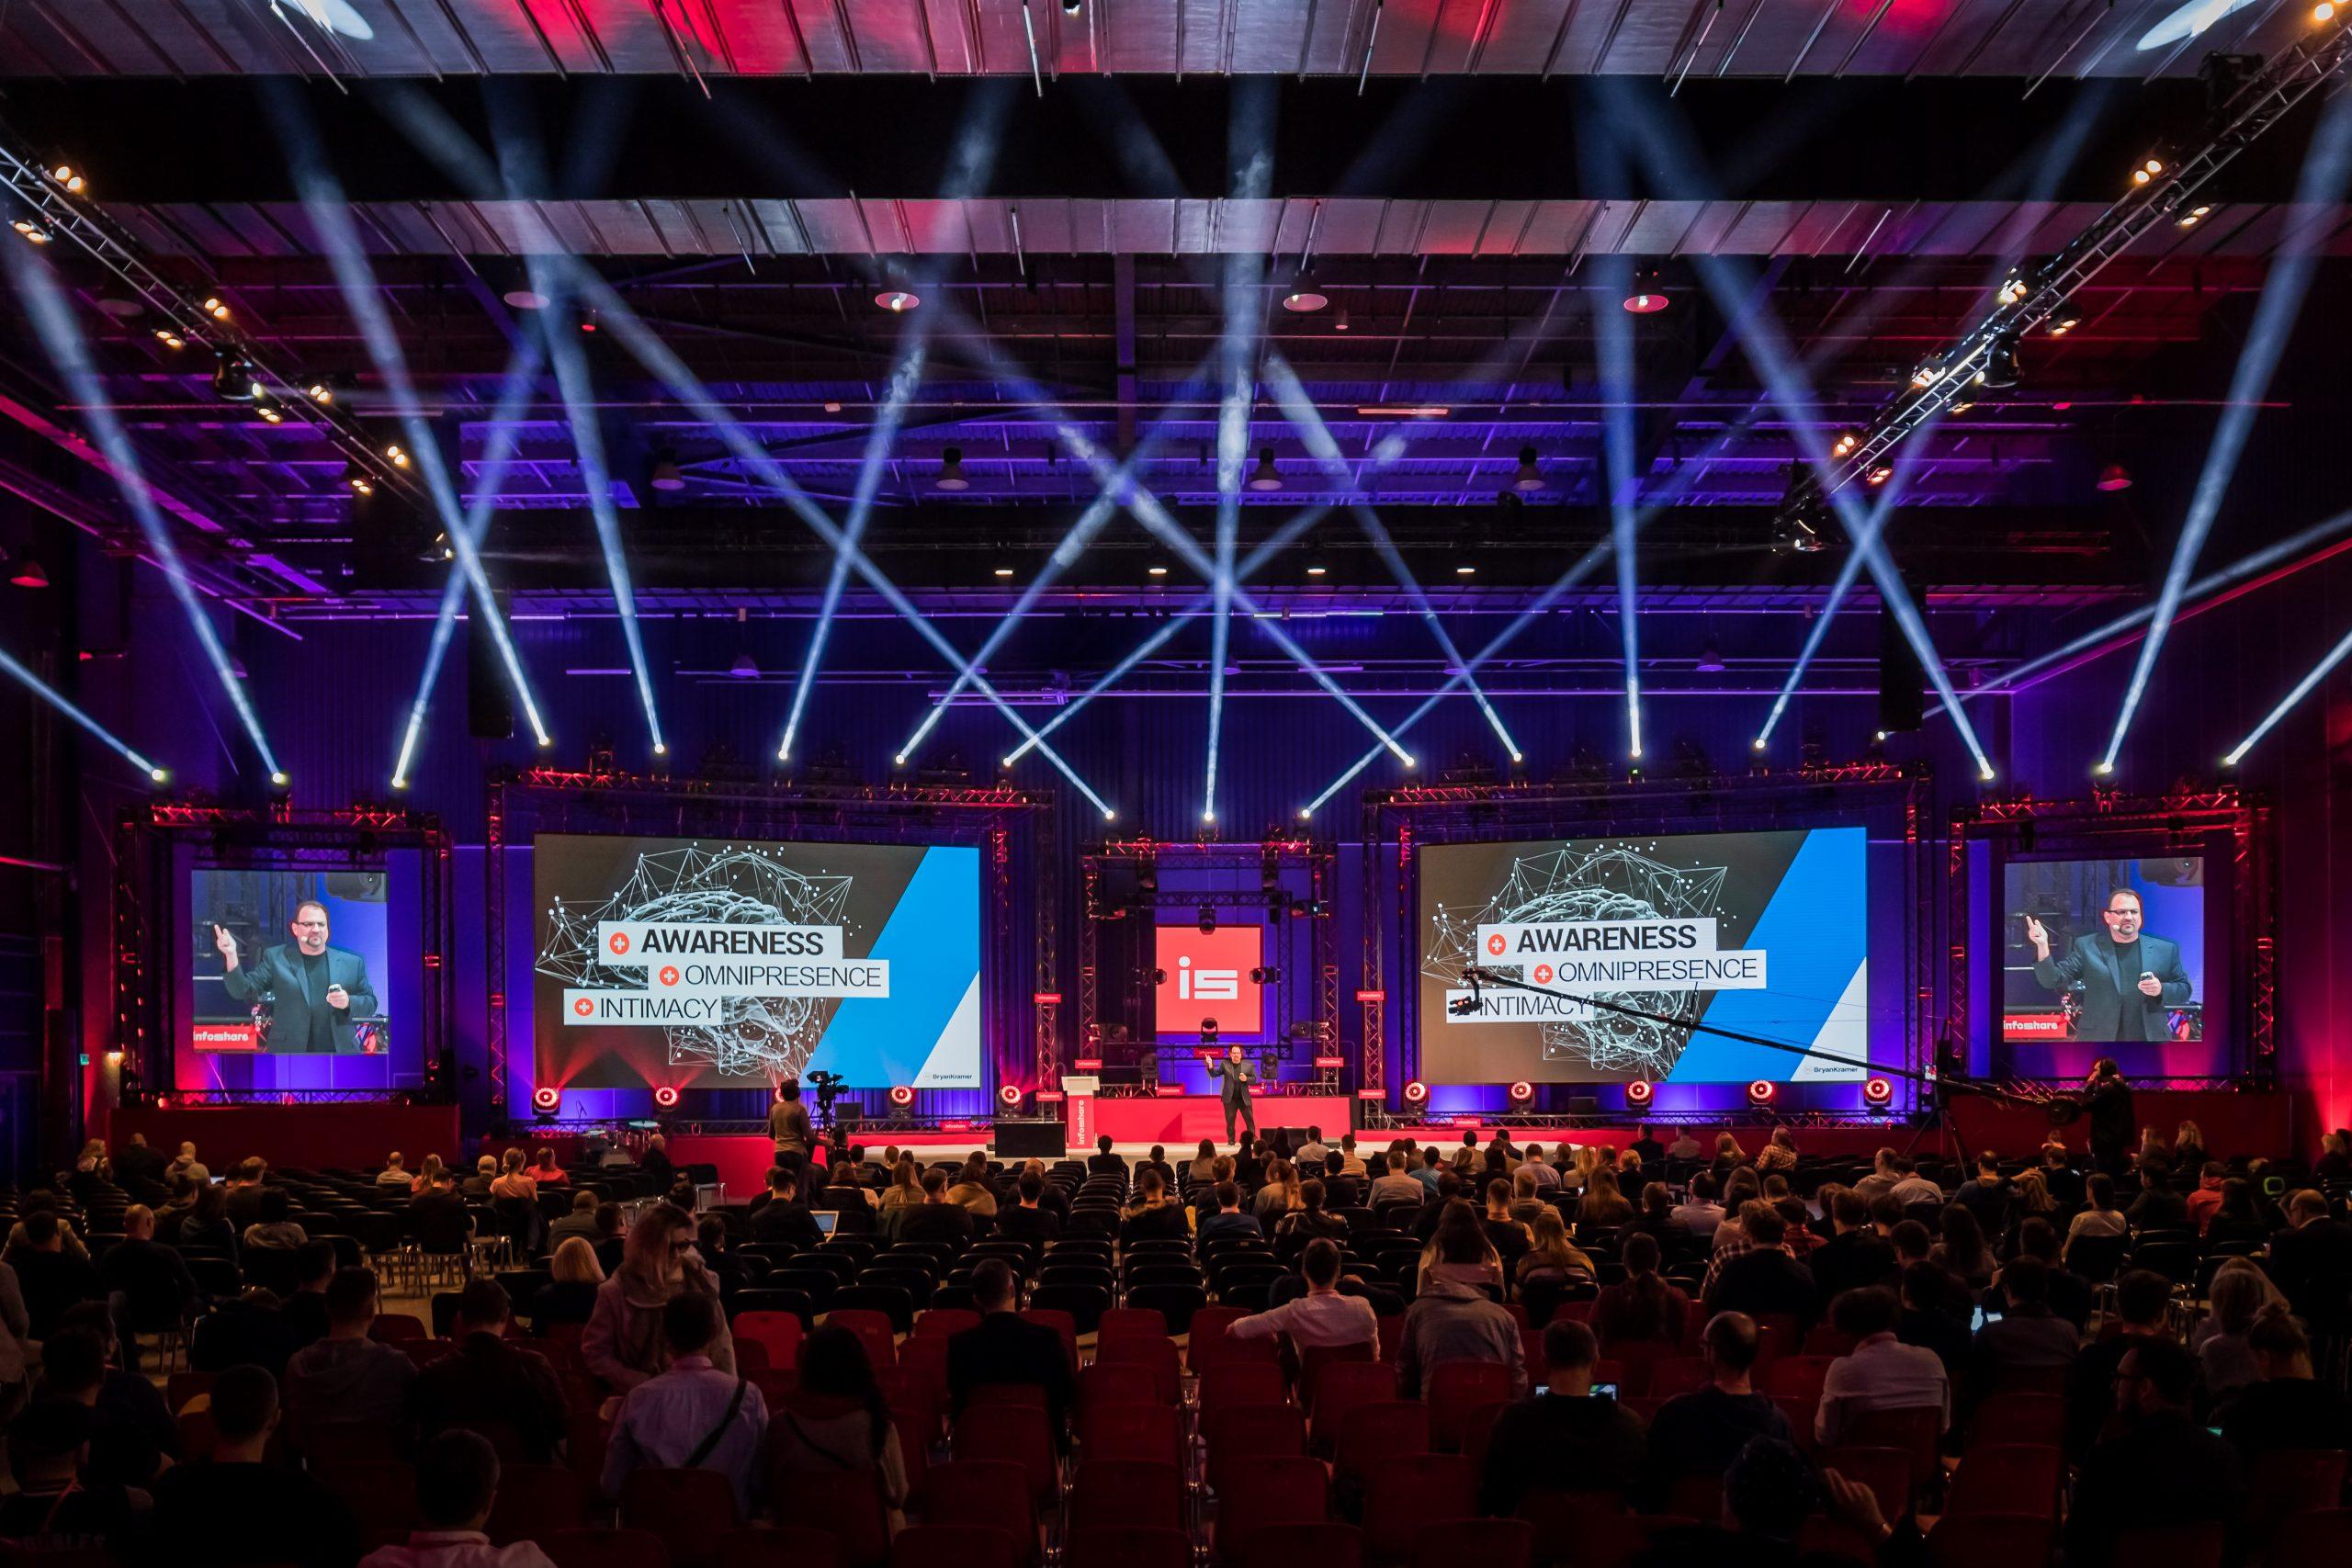 LEDCITY – Kompleksowa obsługa multimedialna konferencji Infoshare 2019 w Gdańsku